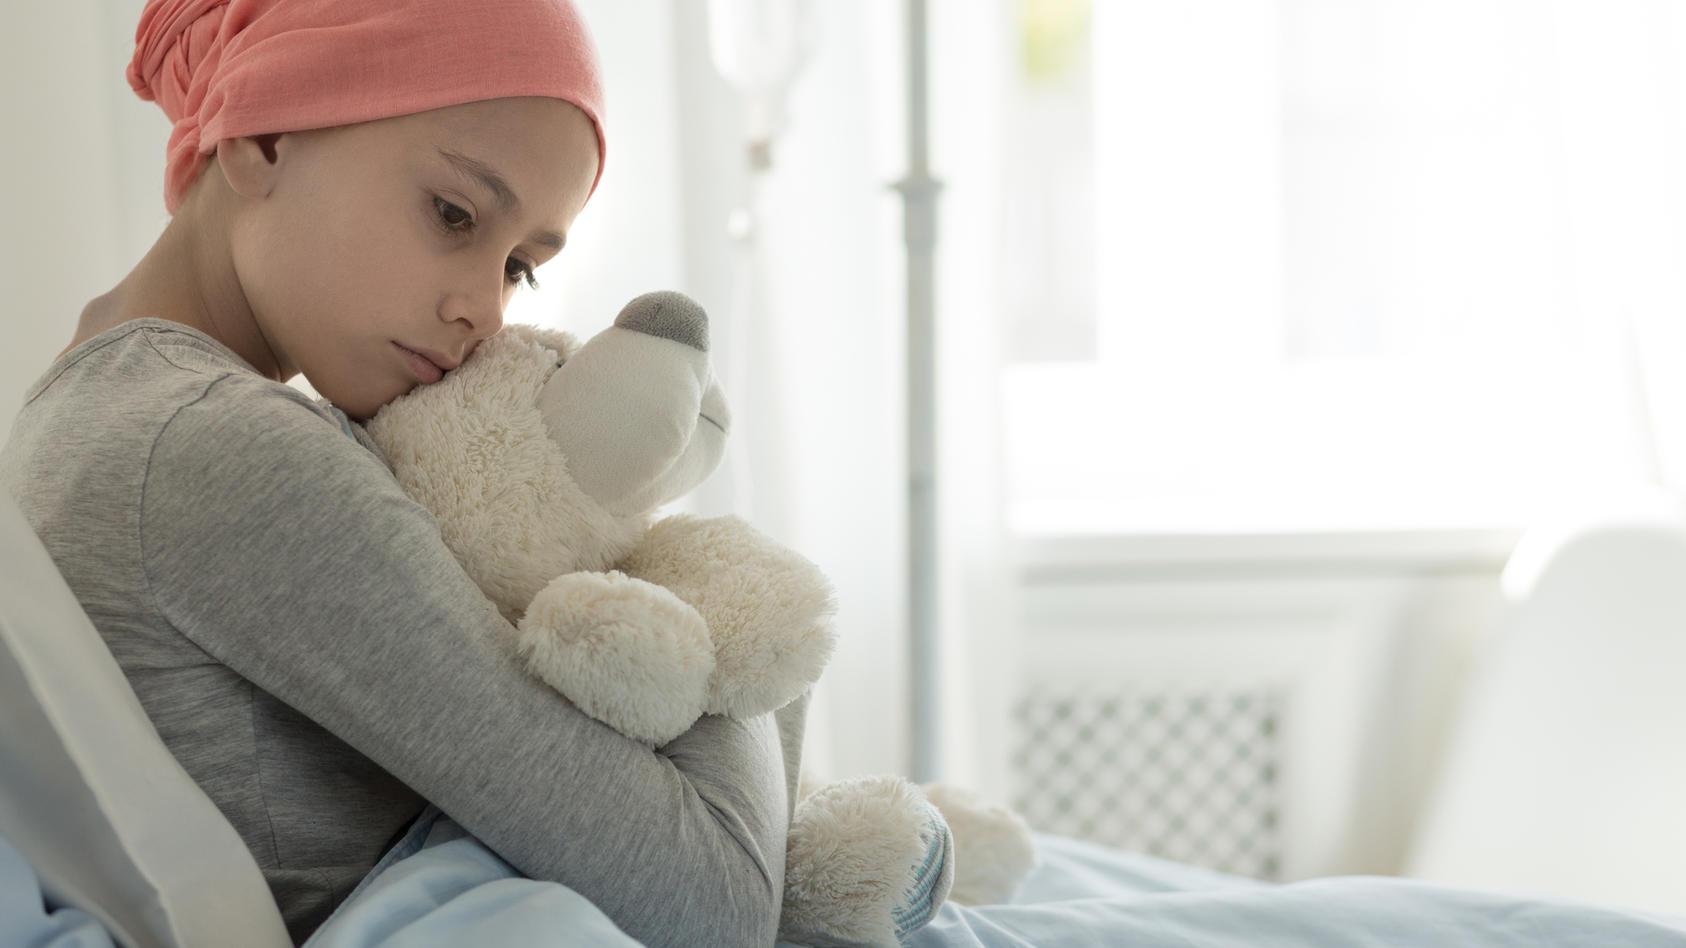 Kind ist an Krebs erkrankt